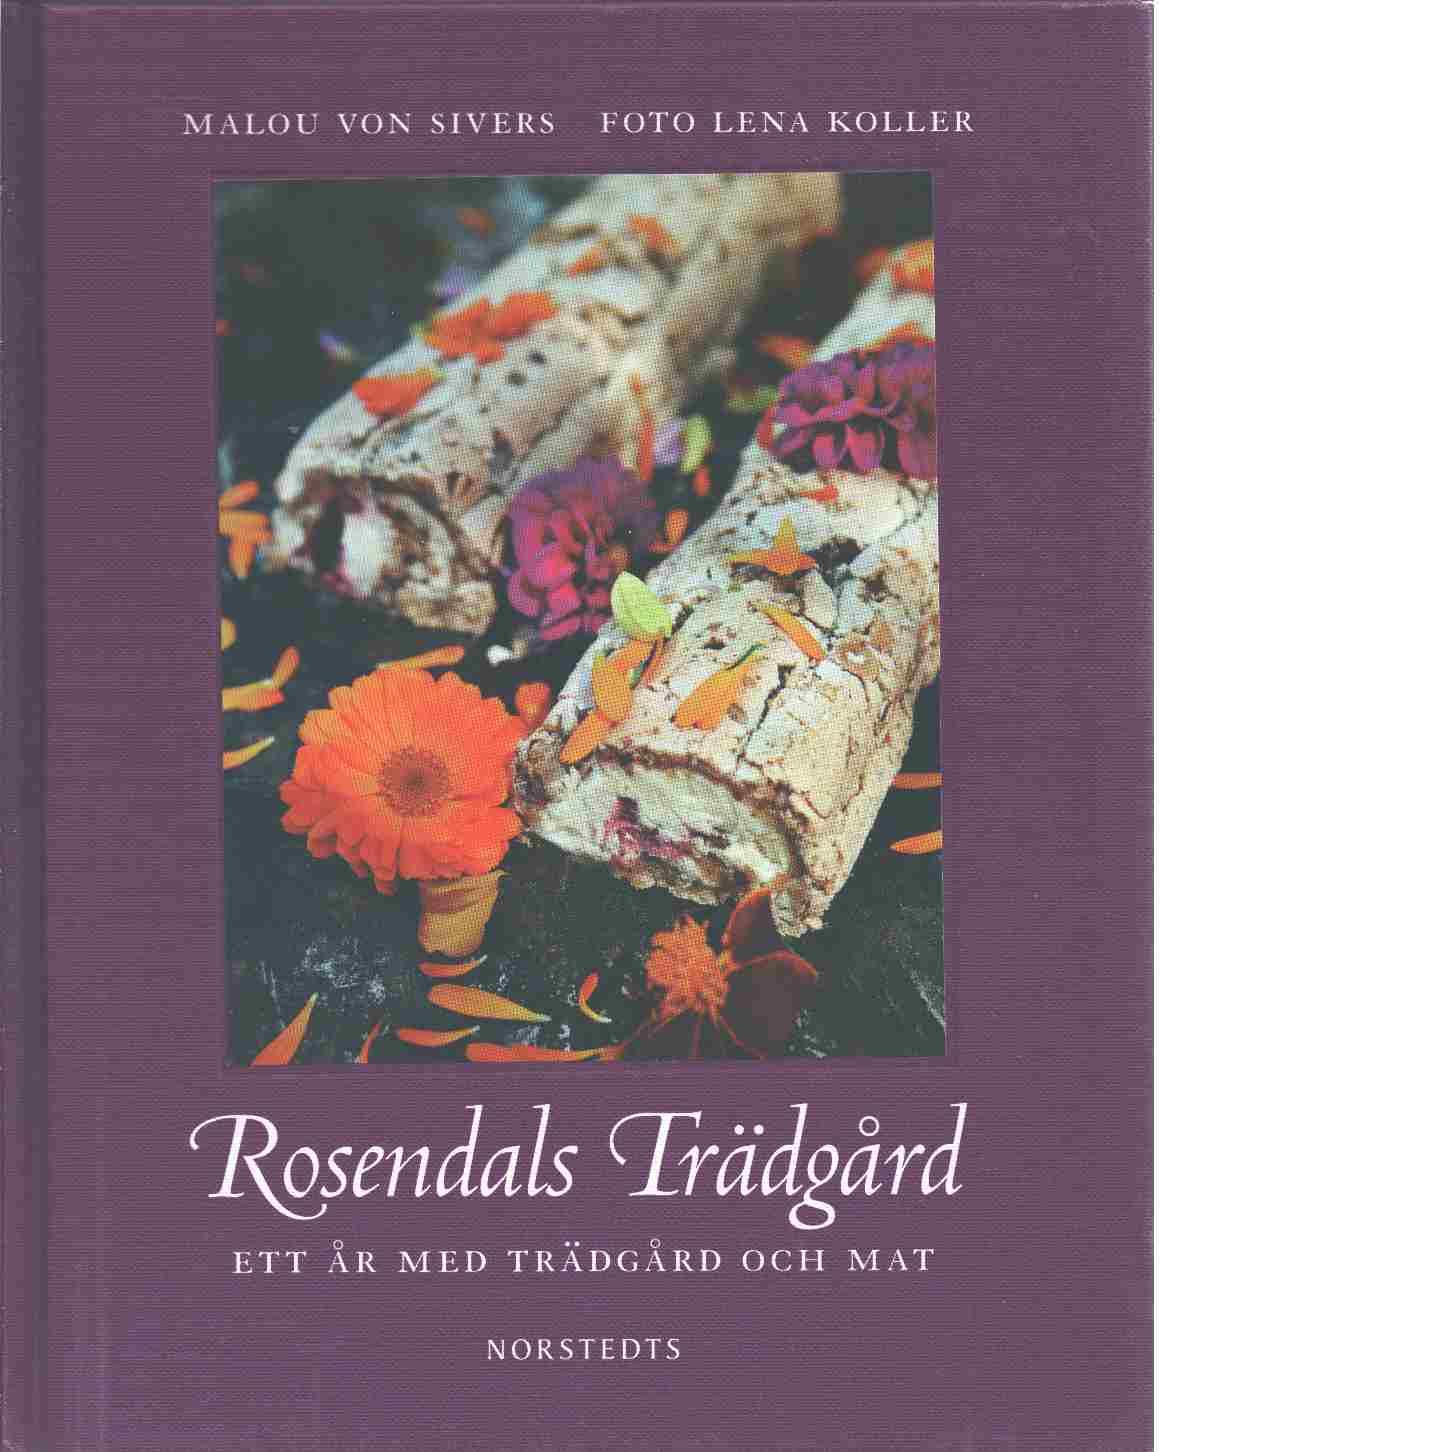 Rosendals Trädgård : ett år med trädgård och mat - Sivers, von Malou